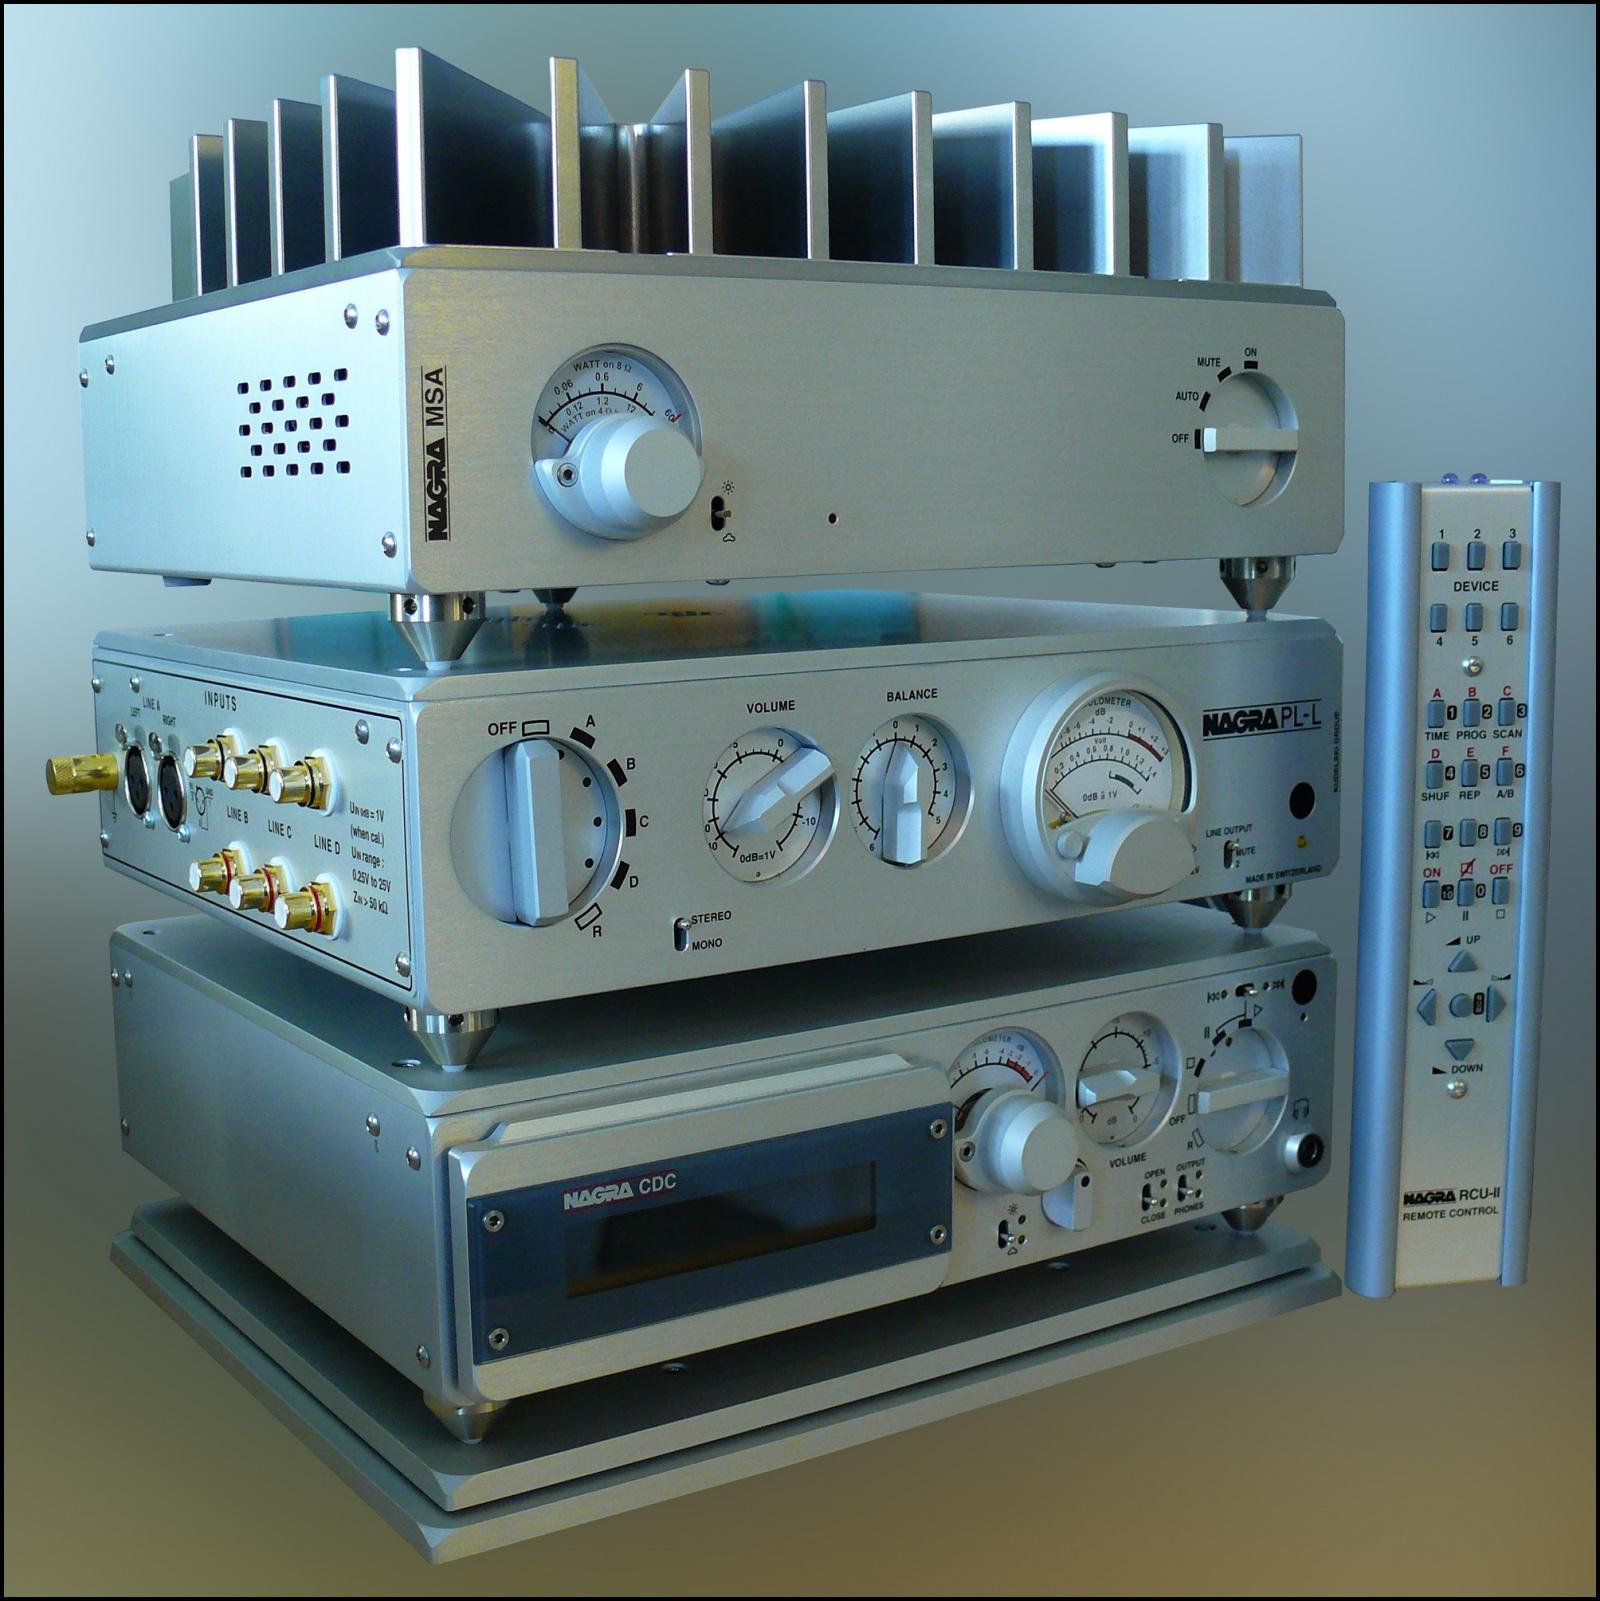 """Дизайн и звук: классика модерна, британский ответ Японии, кассетник """"космической эры"""" и брутальные швейцарцы - 14"""